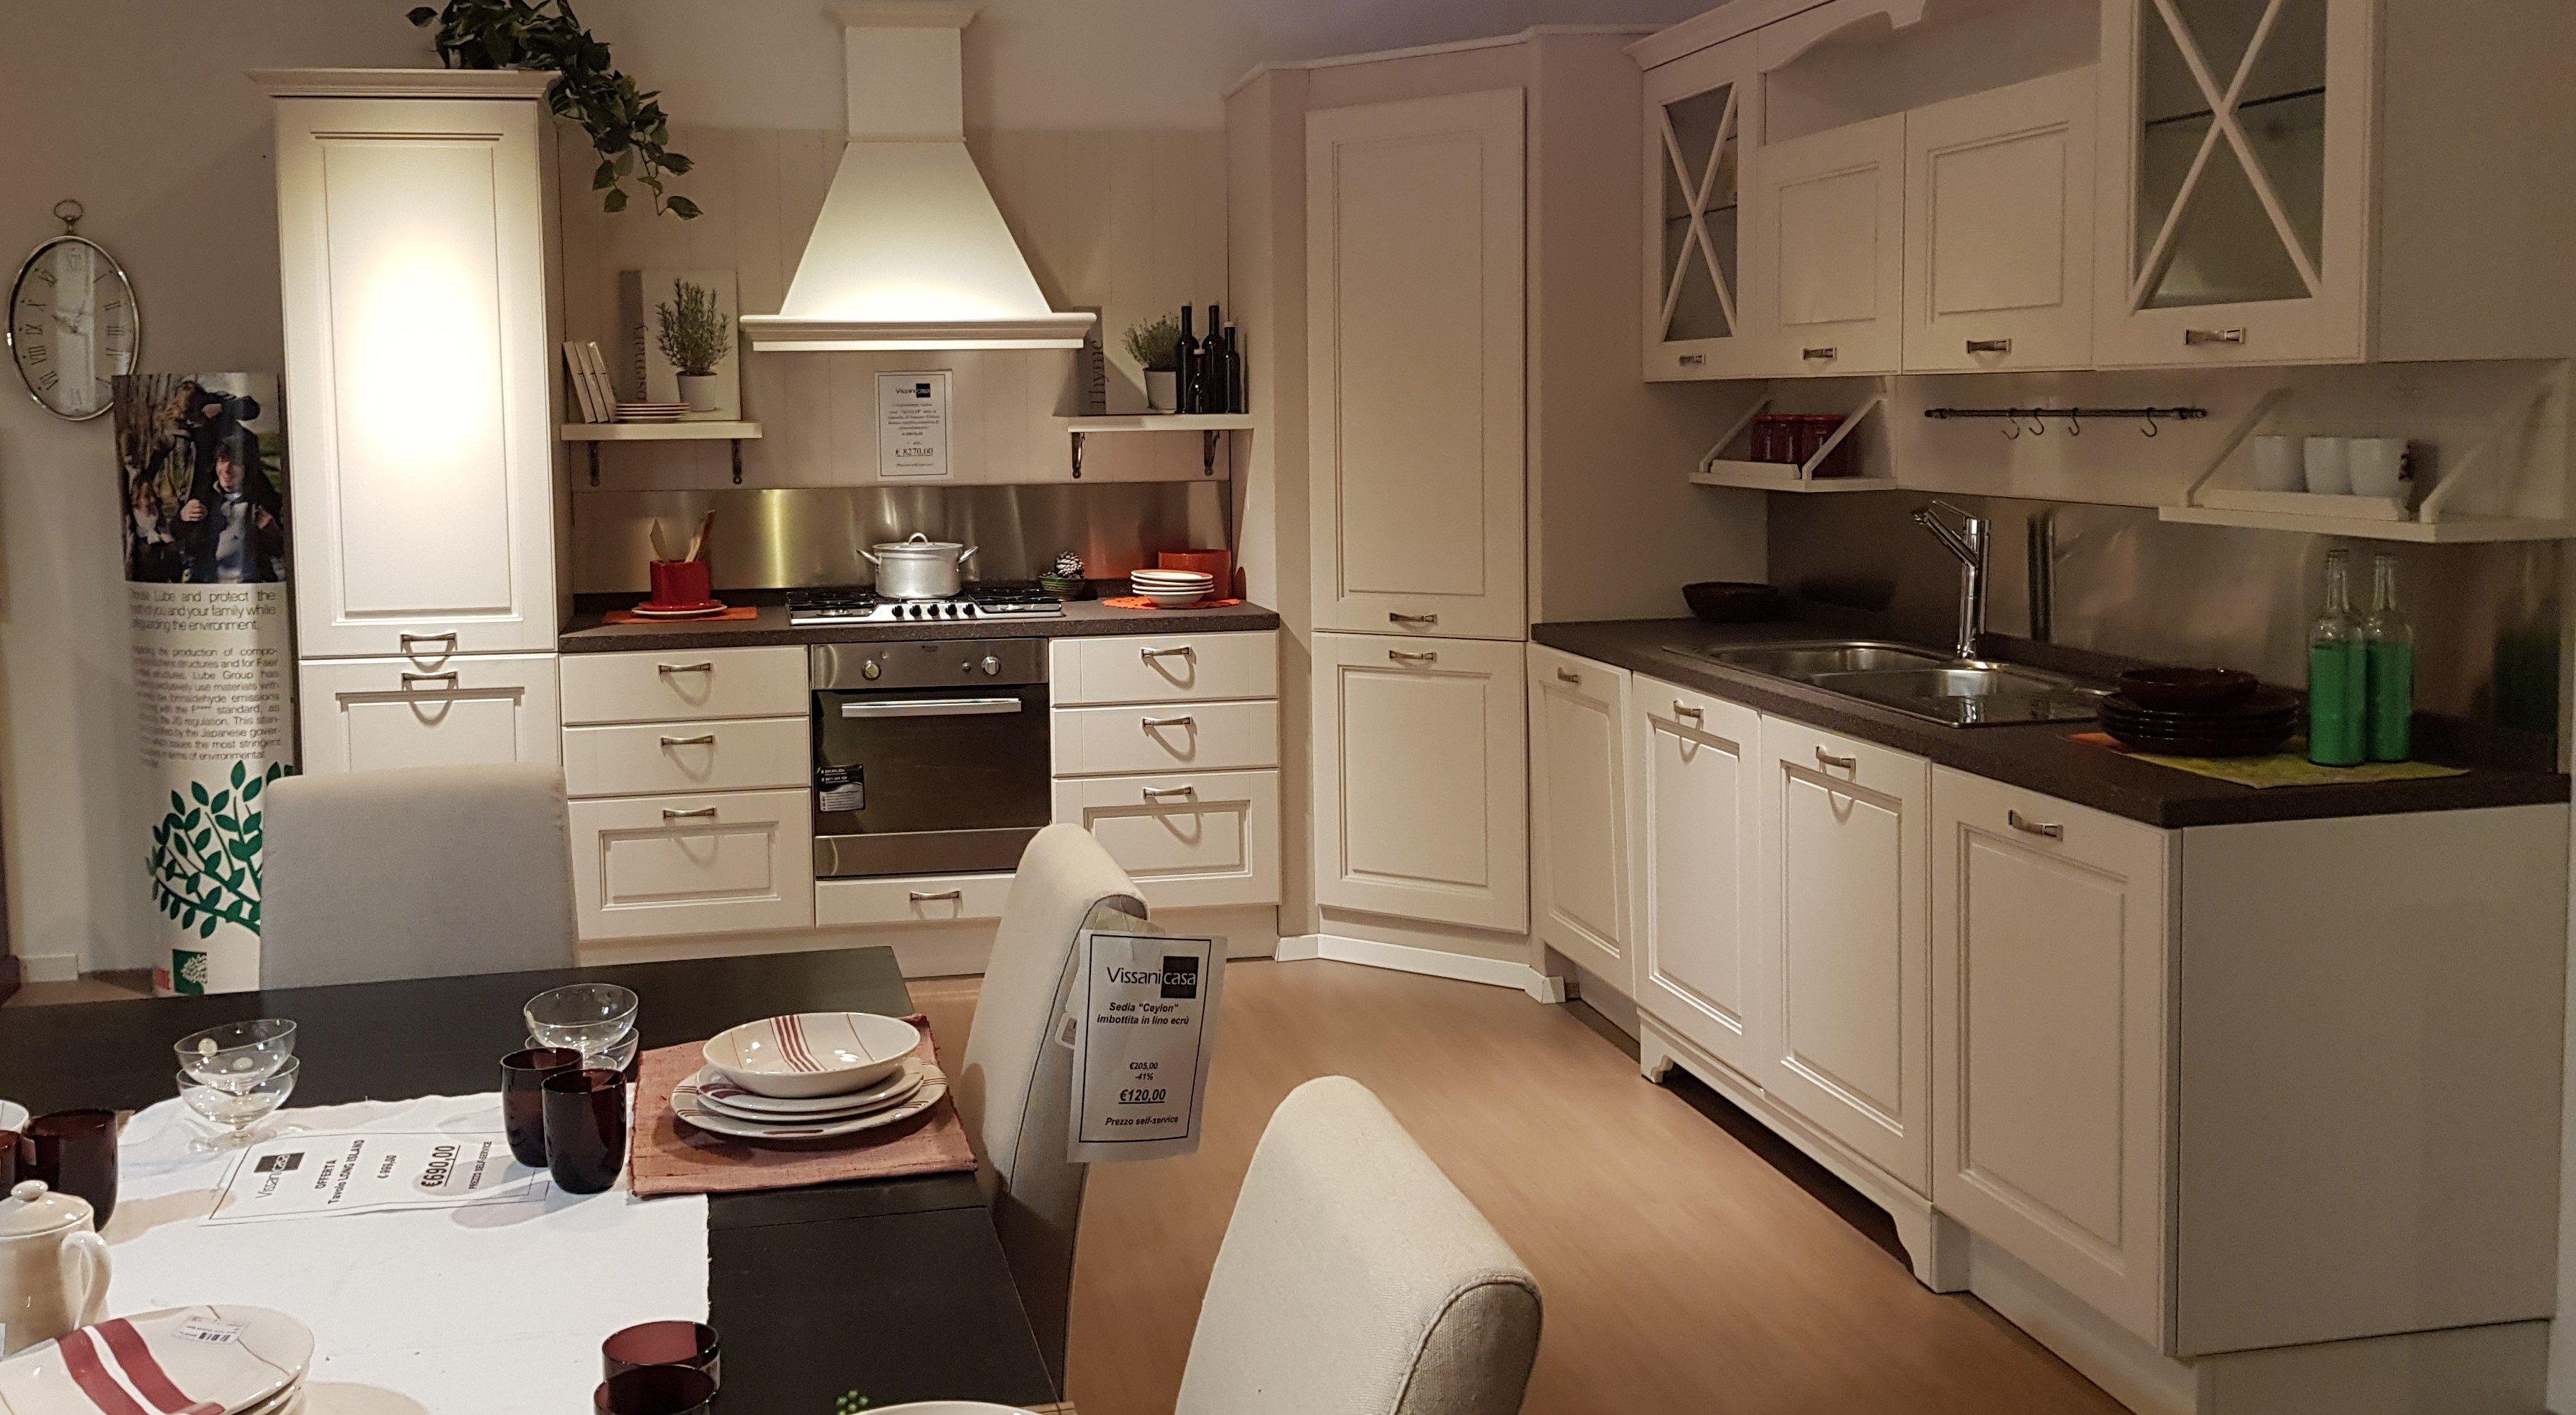 Cucina Lube Veronica Prezzo Le Migliori Idee Di Design ...